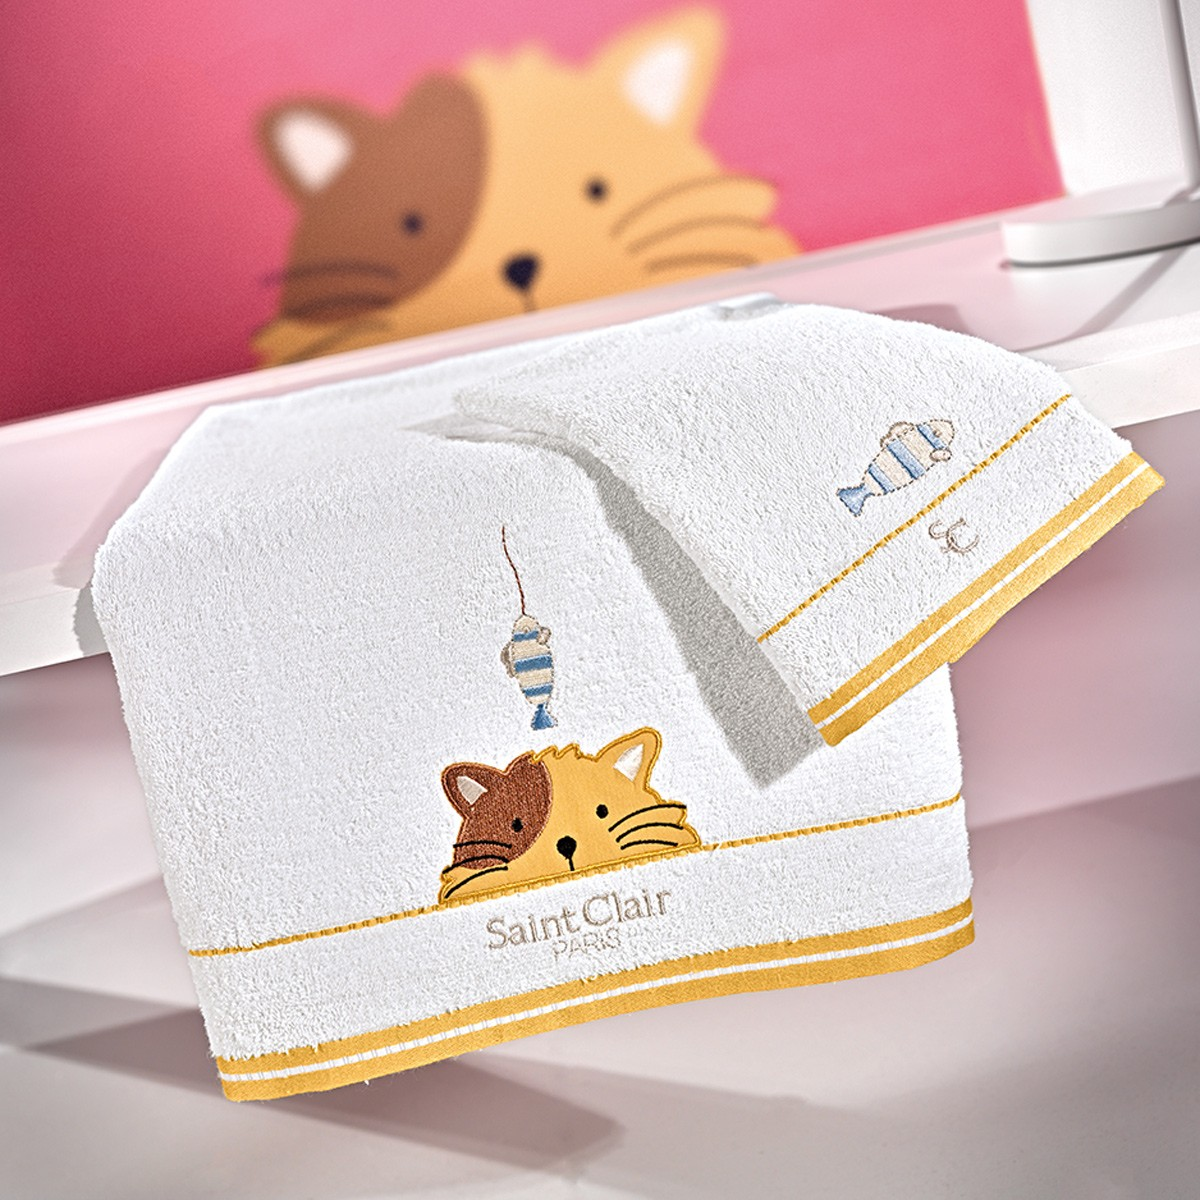 Παιδικές Πετσέτες (Σετ) Saint Clair Idea